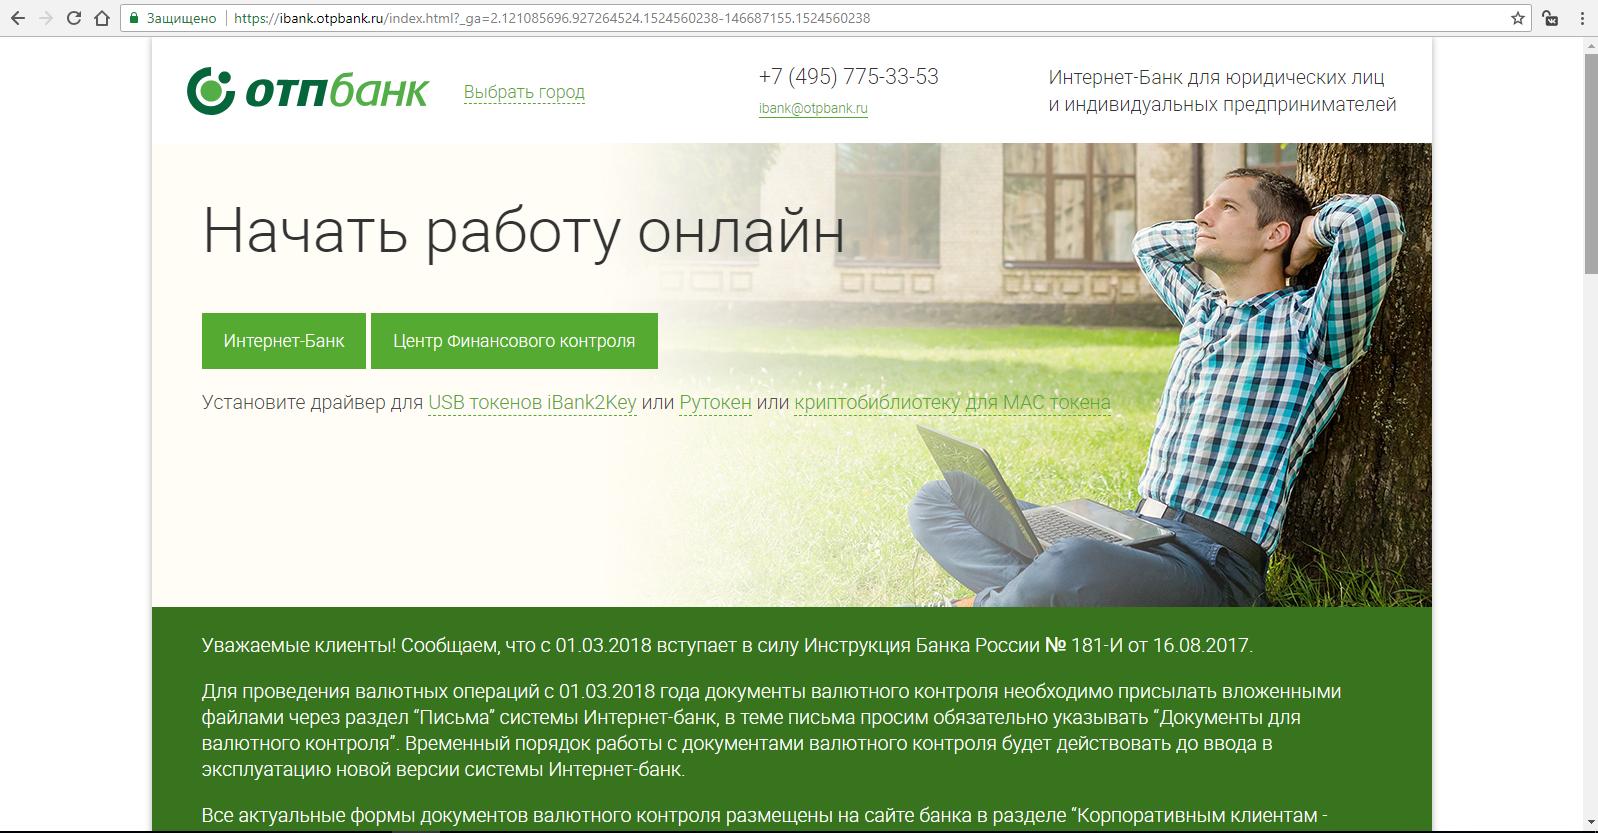 Начать работу Онлайн